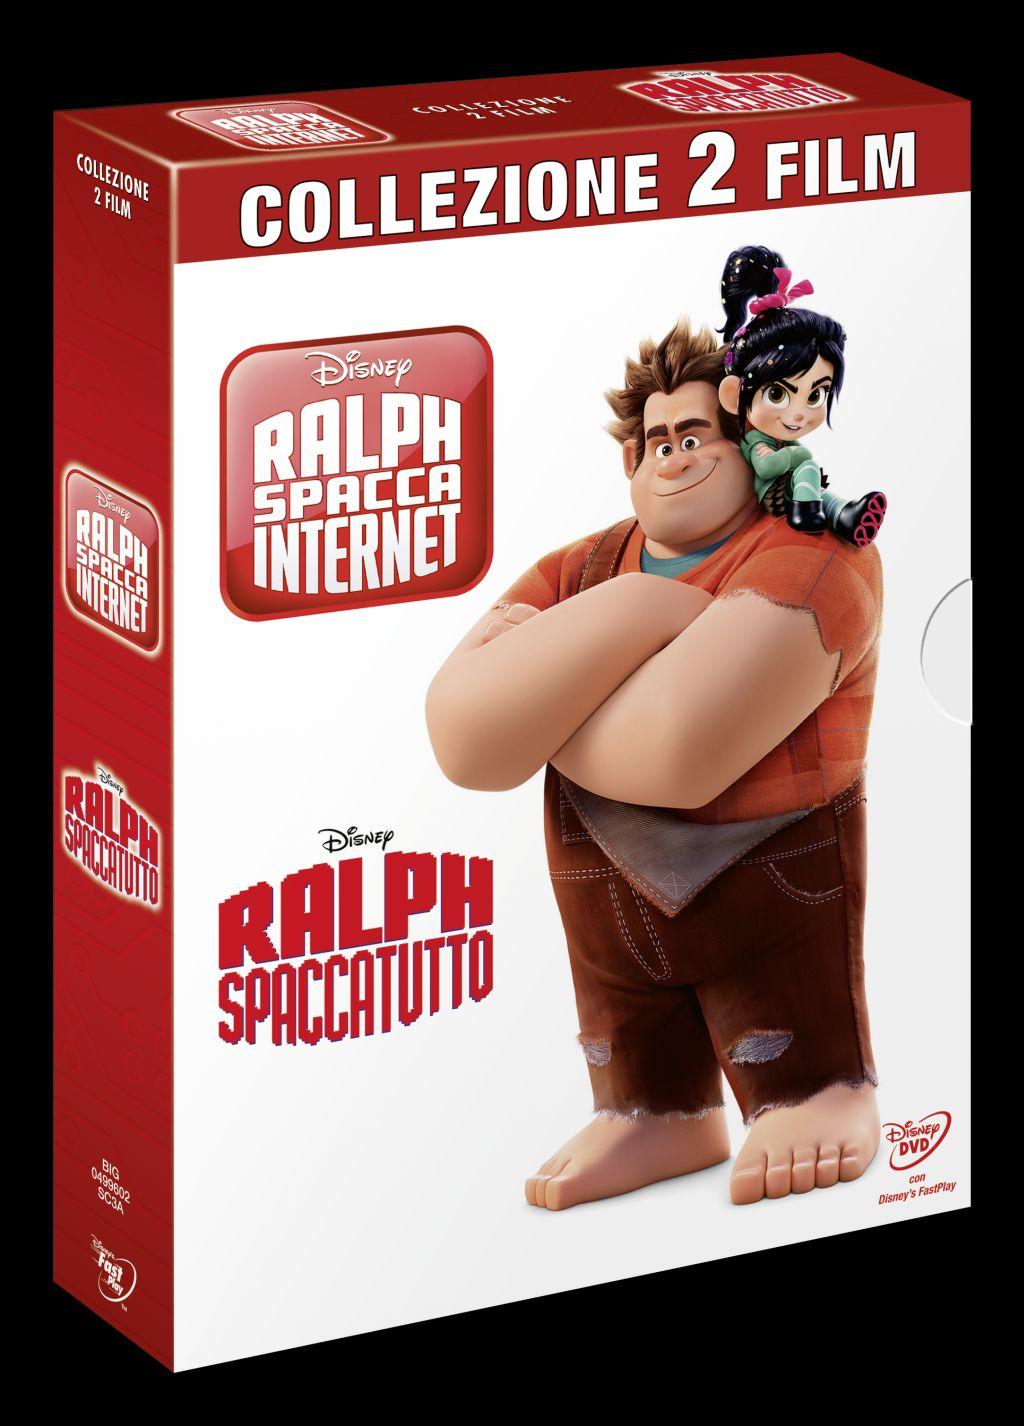 ralph spacca internet dvd  Ralph Spacca Internet è disponibile in DVD e Blu-Ray